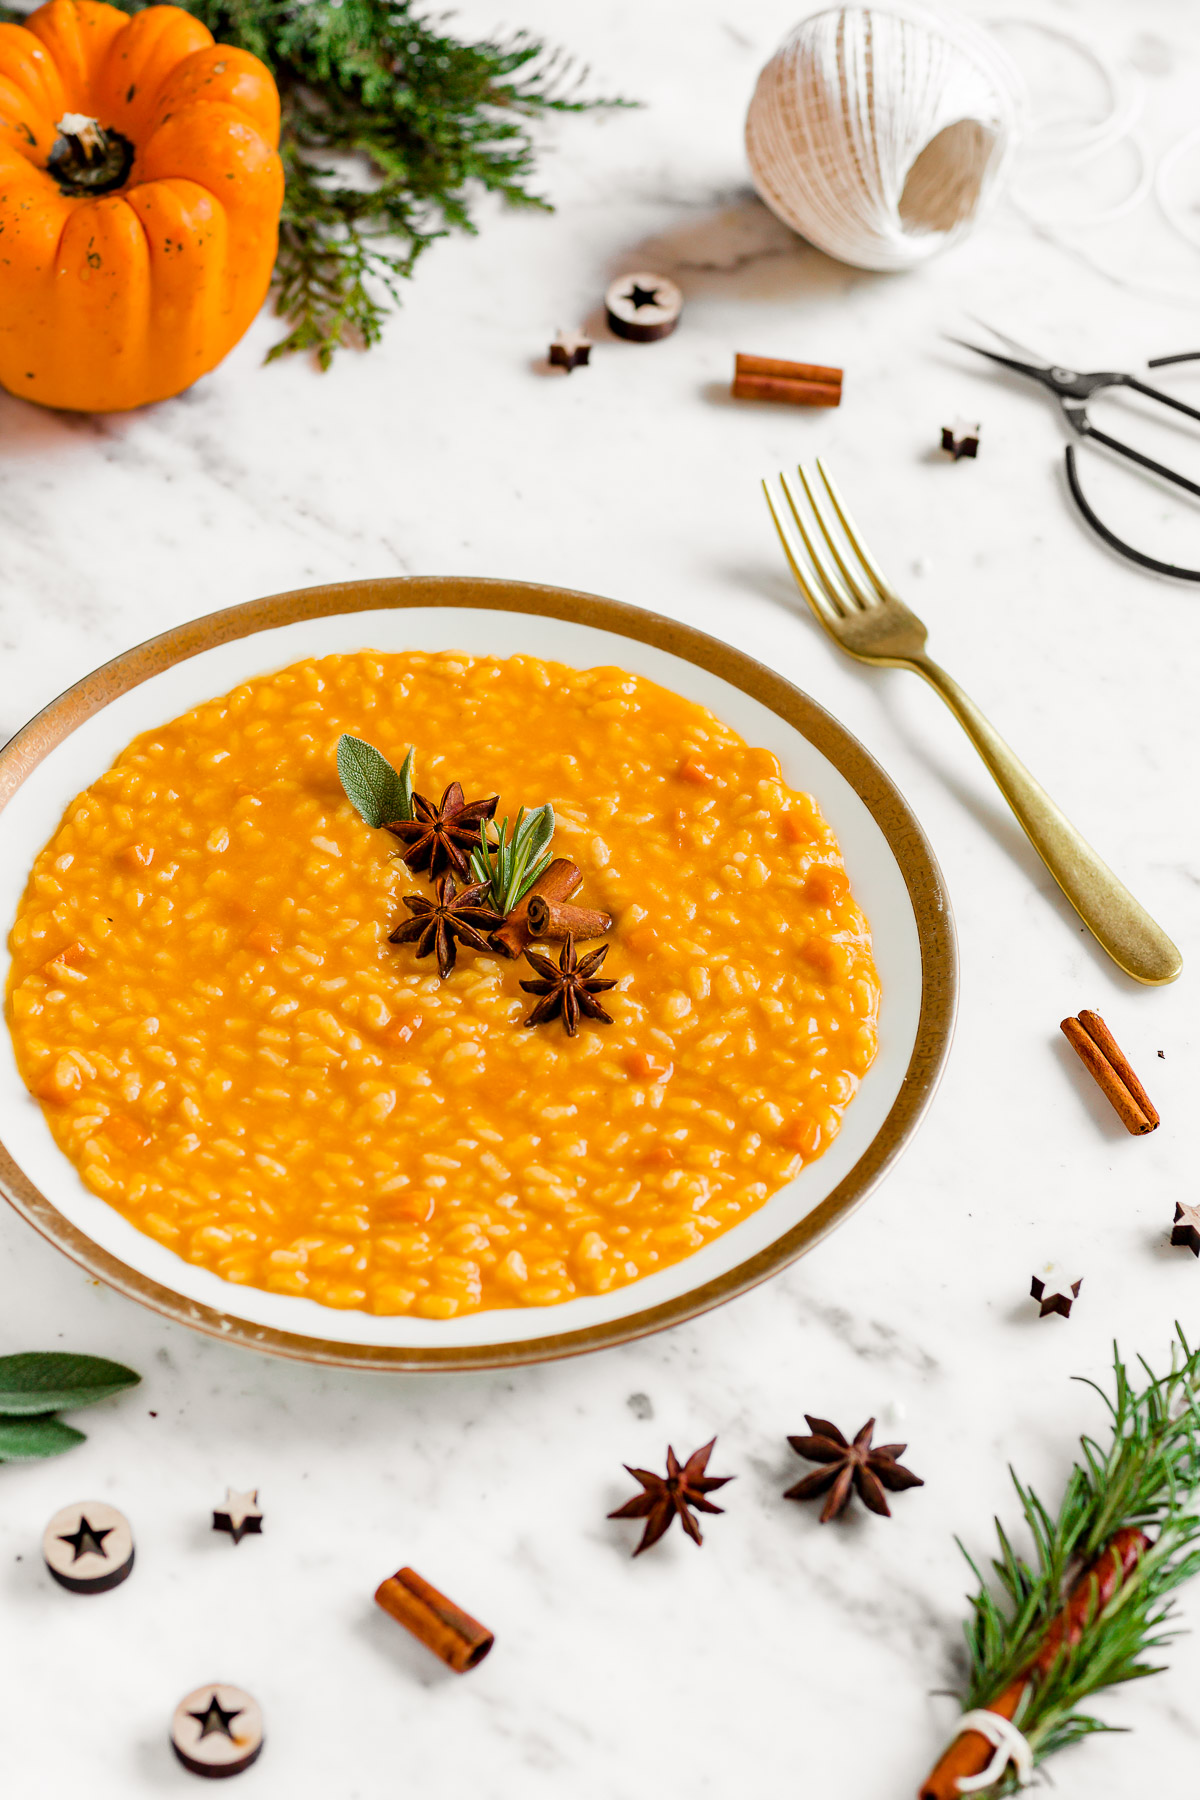 Ricetta RISOTTO alla ZUCCA VEGAN senza burro senza glutine cremoso light | Italian Creamy VEGAN PUMPKIN RISOTTO Recipe gluten-free #healthy #vegan #risotto #pumpkin